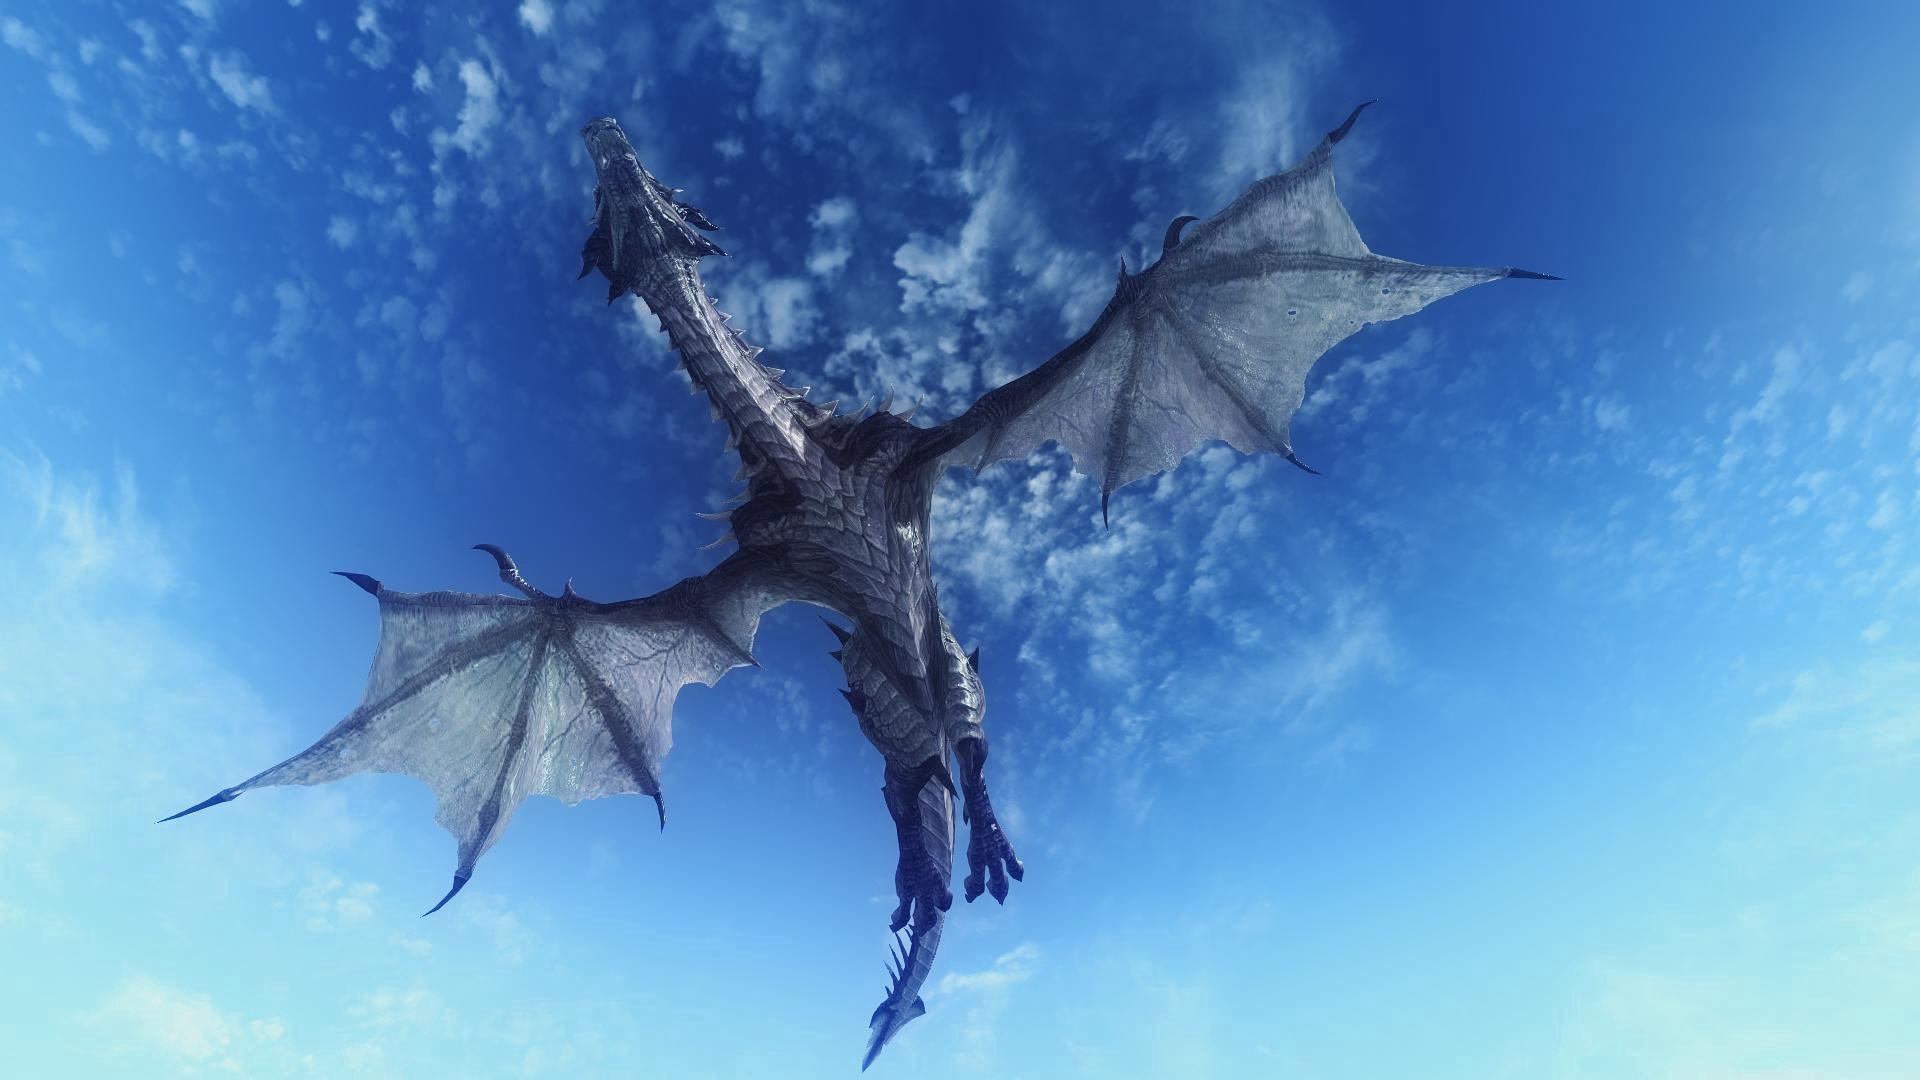 149333 économiseurs d'écran et fonds d'écran 3D sur votre téléphone. Téléchargez 3D, Sky, Vol, Le Dragon, Dragon images gratuitement